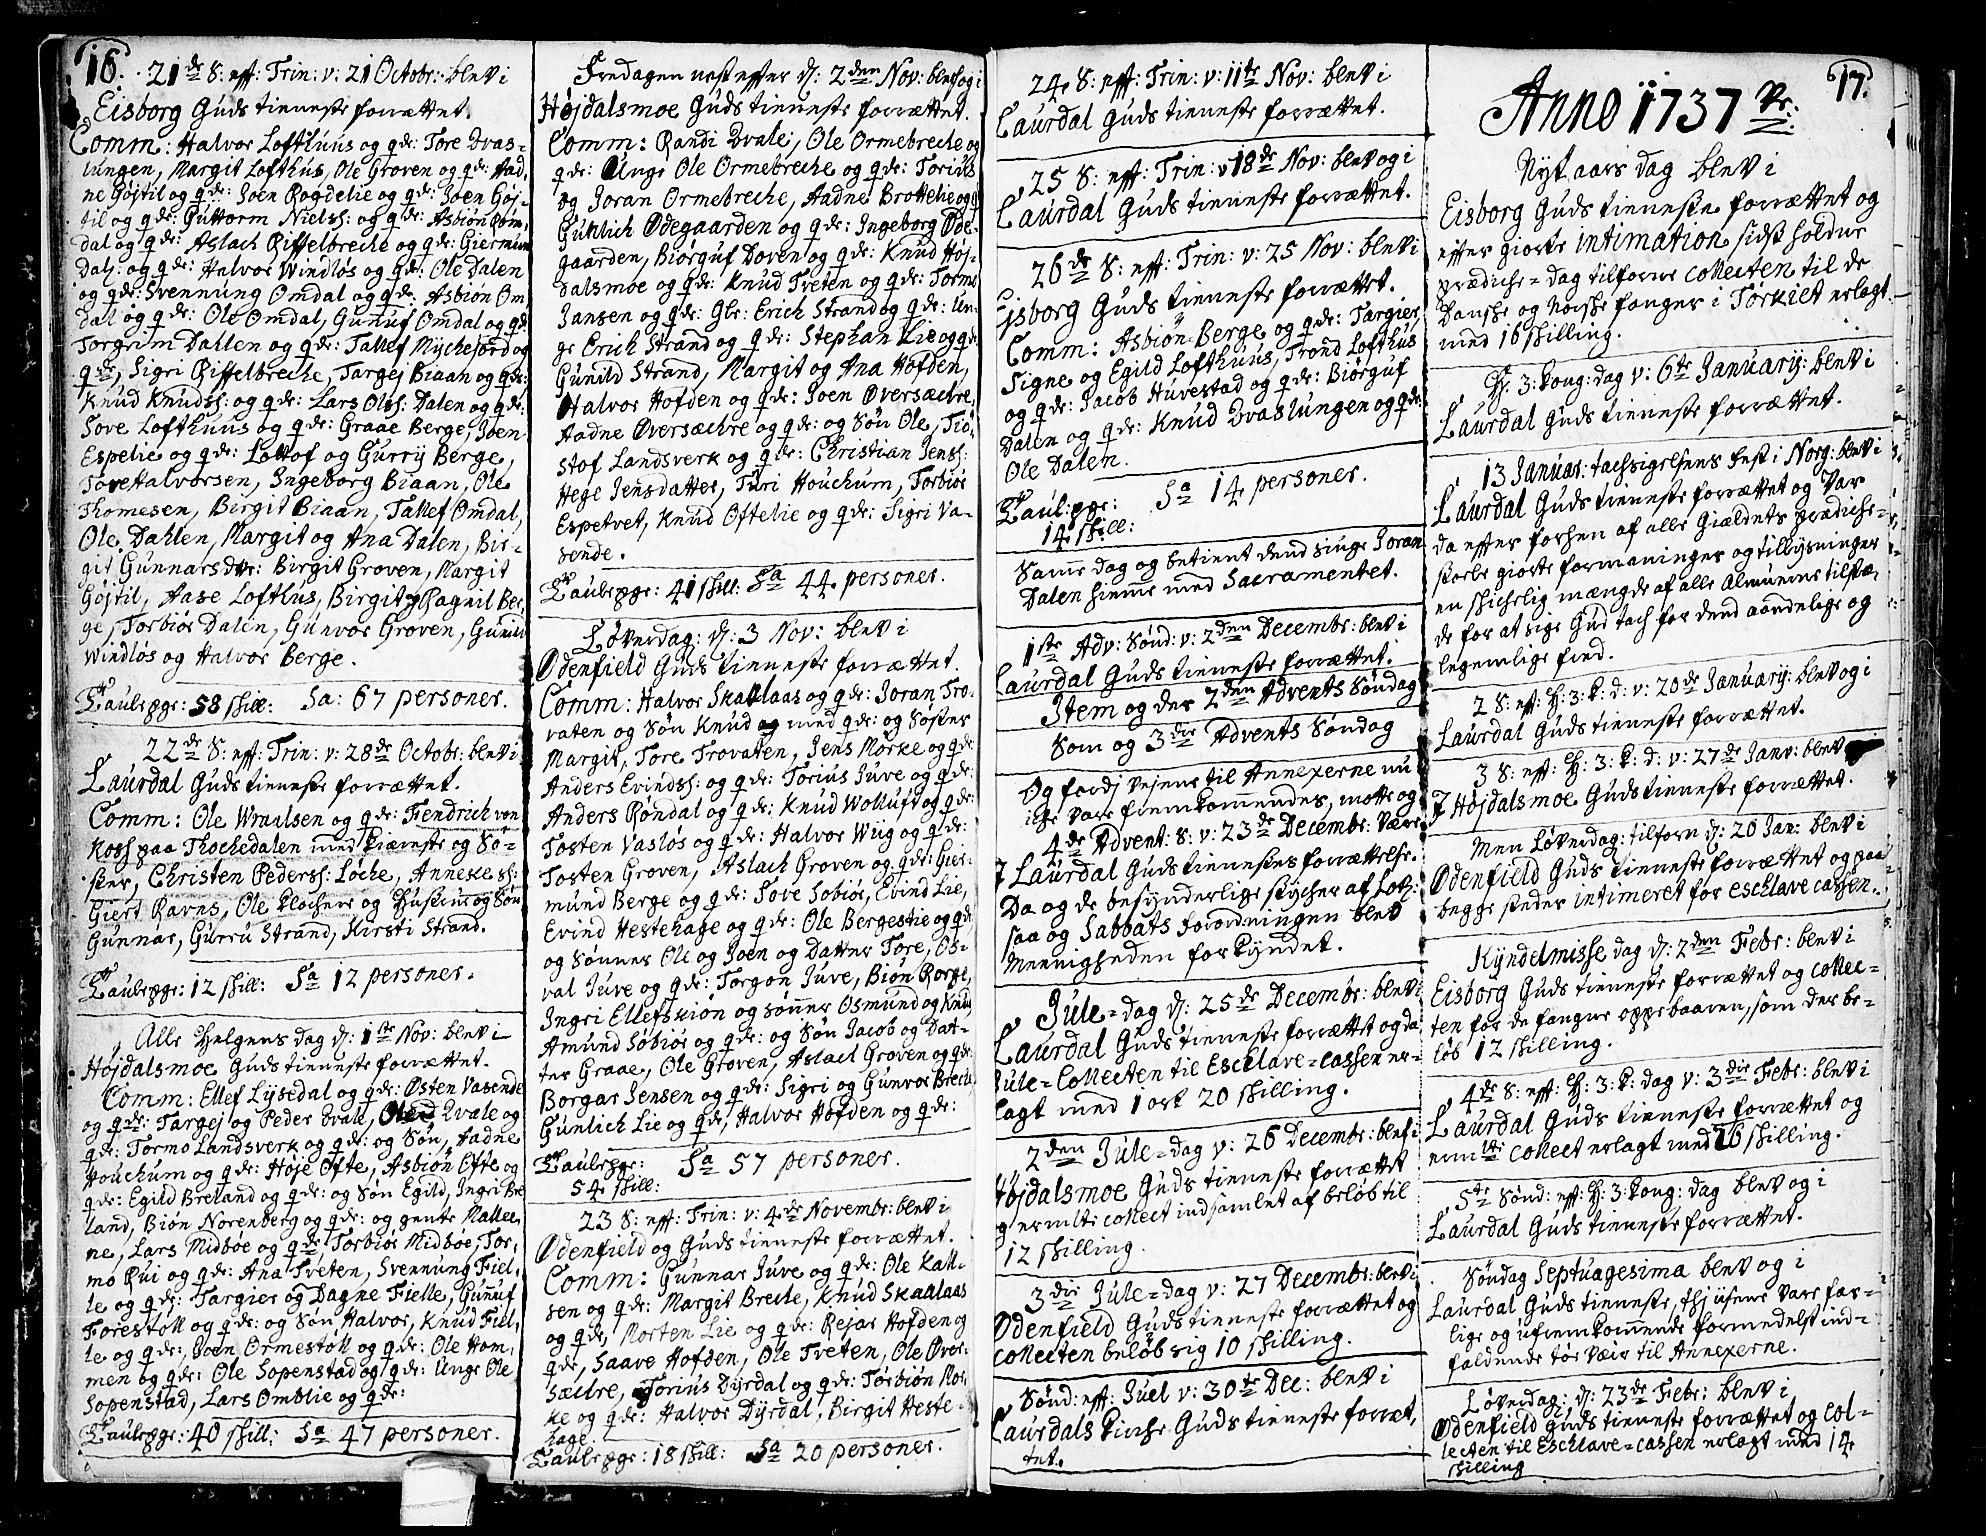 SAKO, Lårdal kirkebøker, F/Fa/L0002: Ministerialbok nr. I 2, 1734-1754, s. 16-17